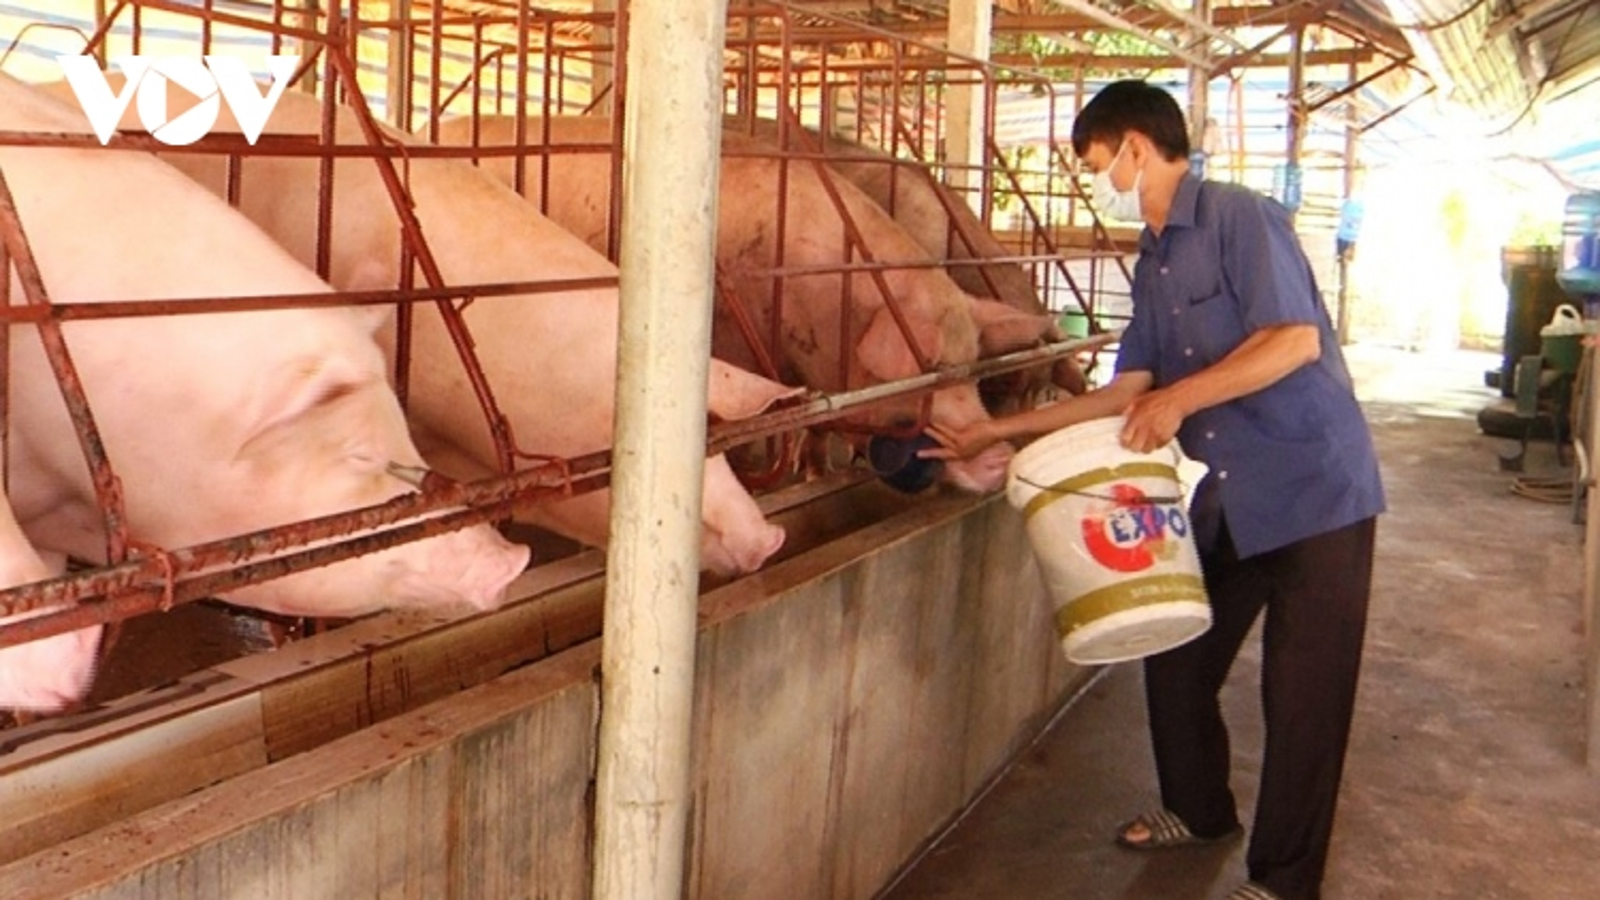 Giá lợn hơi xuống thấp, người chăn nuôi đang thua lỗ nặng